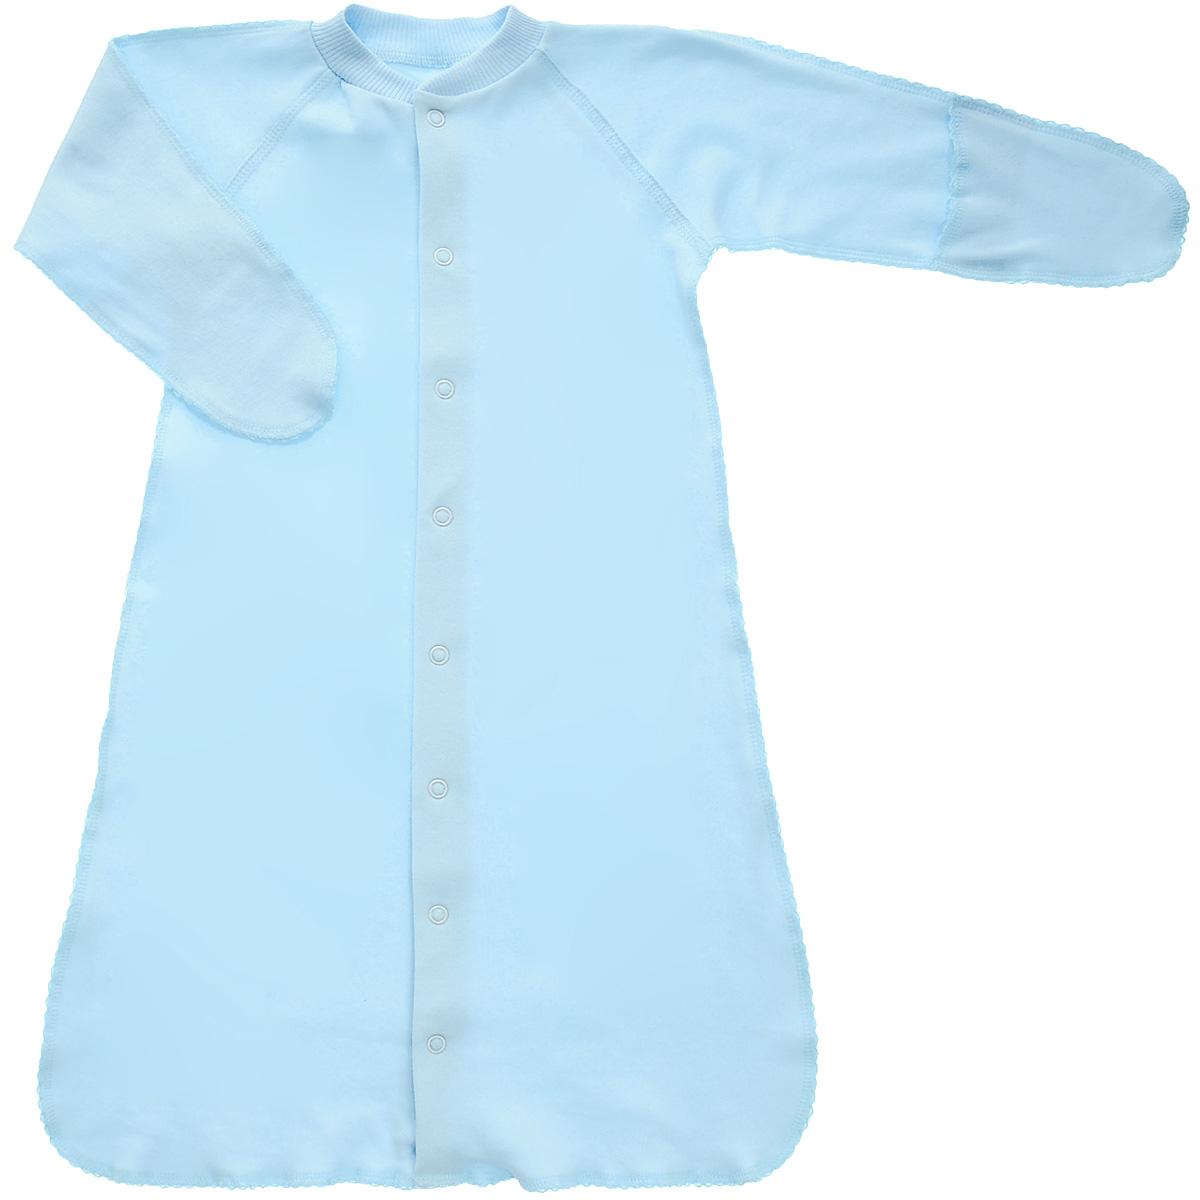 Спальный мешок унисекс Фреш стайл, цвет: голубой. 37-528. Размер 56, 0-1 месяц37-528Спальный мешок Фреш Стайл идеально подойдет вашему ребенку для сна и прогулок, обеспечивая ему наибольший комфорт. Изготовленный 100% хлопка - интерлок-пенье он необычайно мягкий и легкий, не раздражает нежную кожу ребенка и хорошо вентилируются, а эластичные швы приятны телу ребенка и не препятствуют его движениям. Спальный мешок с длинными рукавами и швами наружу застегивается на удобные застежки-кнопки по всей длине, которые помогают легко переодеть младенца или сменить подгузник. Благодаря рукавичкам ребенок не поцарапает себя.Спальный мешок полностью соответствует особенностям жизни ребенка в ранний период, не стесняя и не ограничивая ее в движениях!